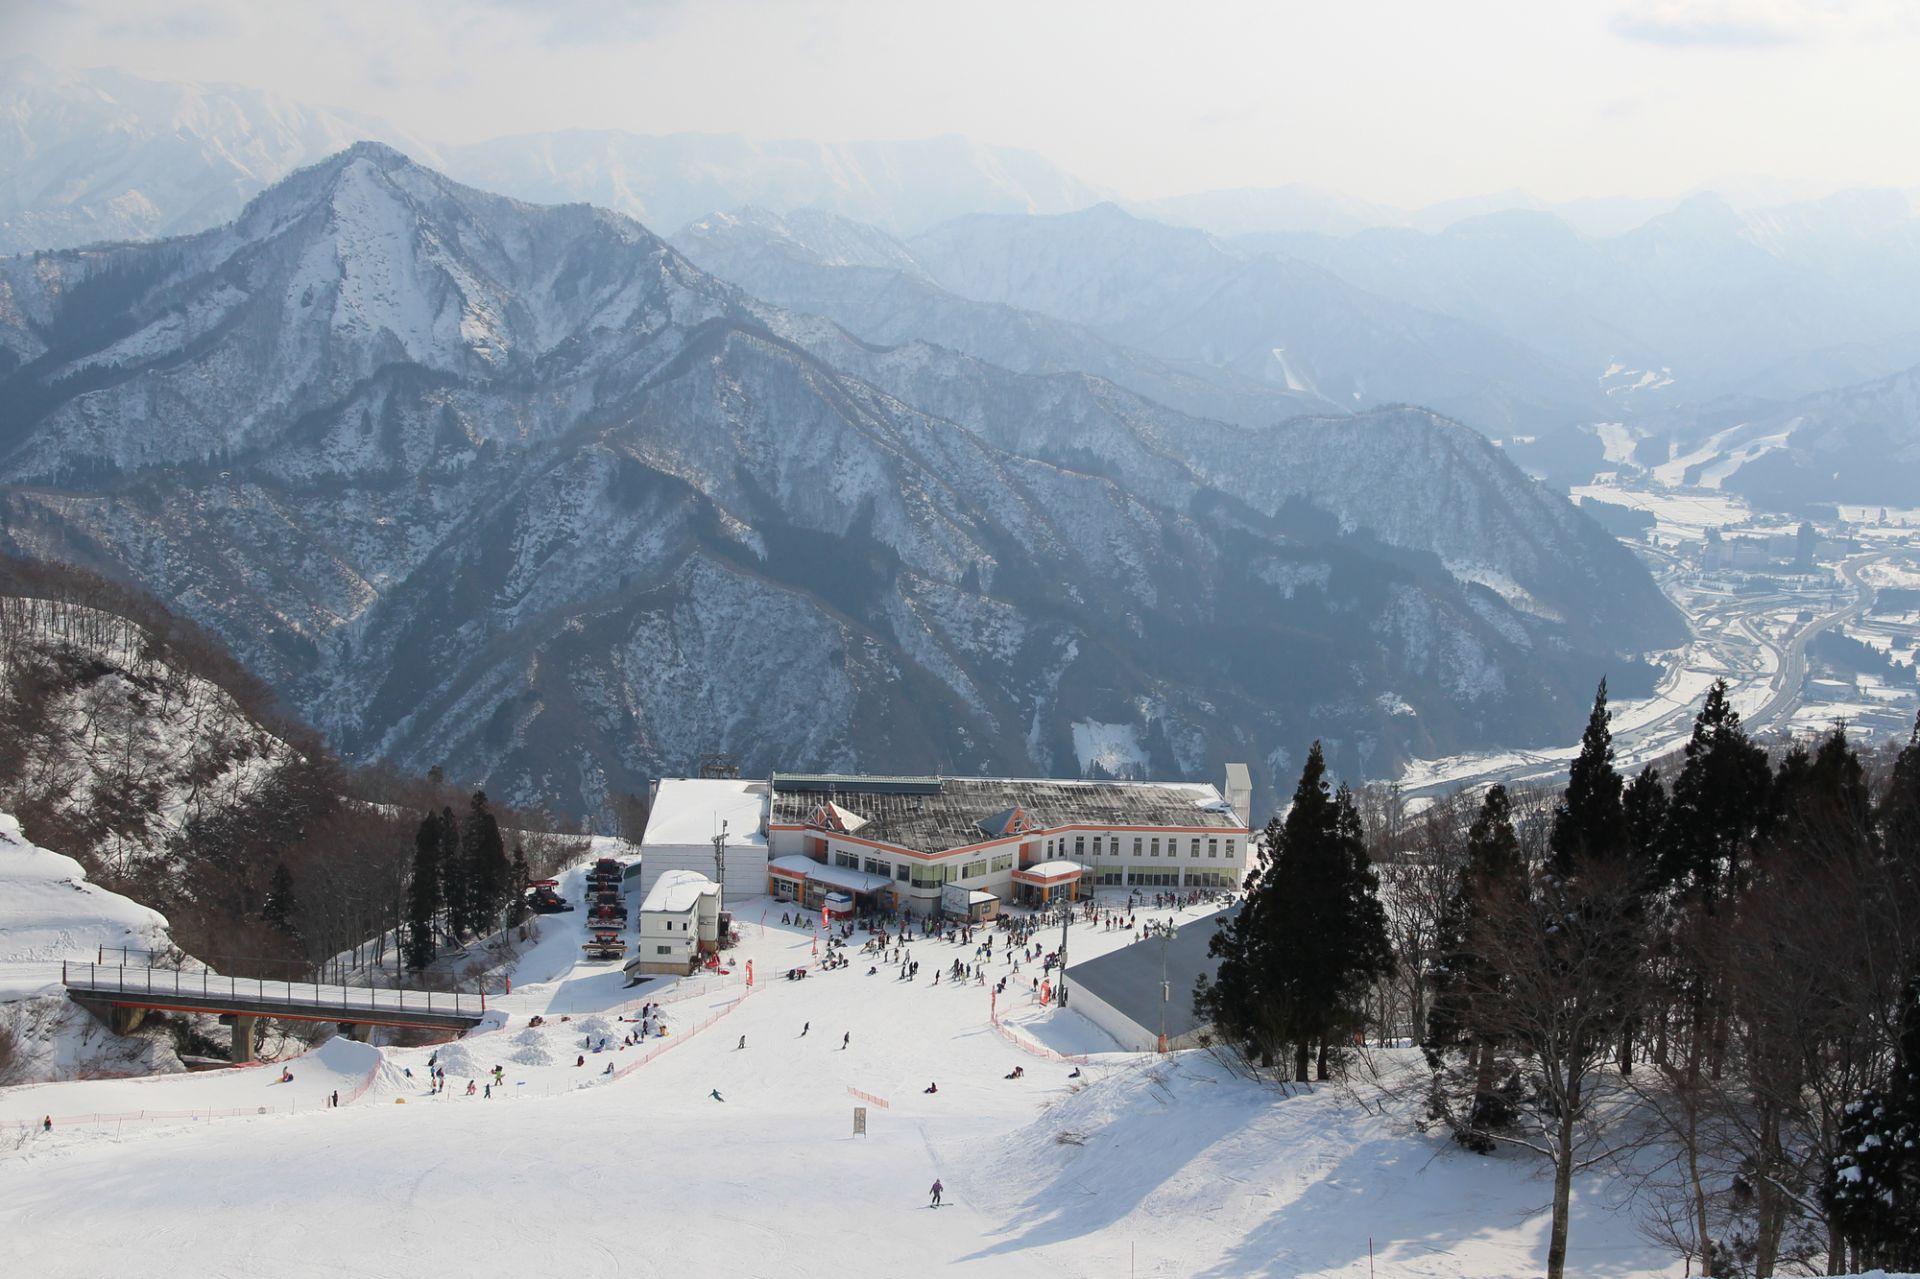 從滑雪場能看到最美的景色